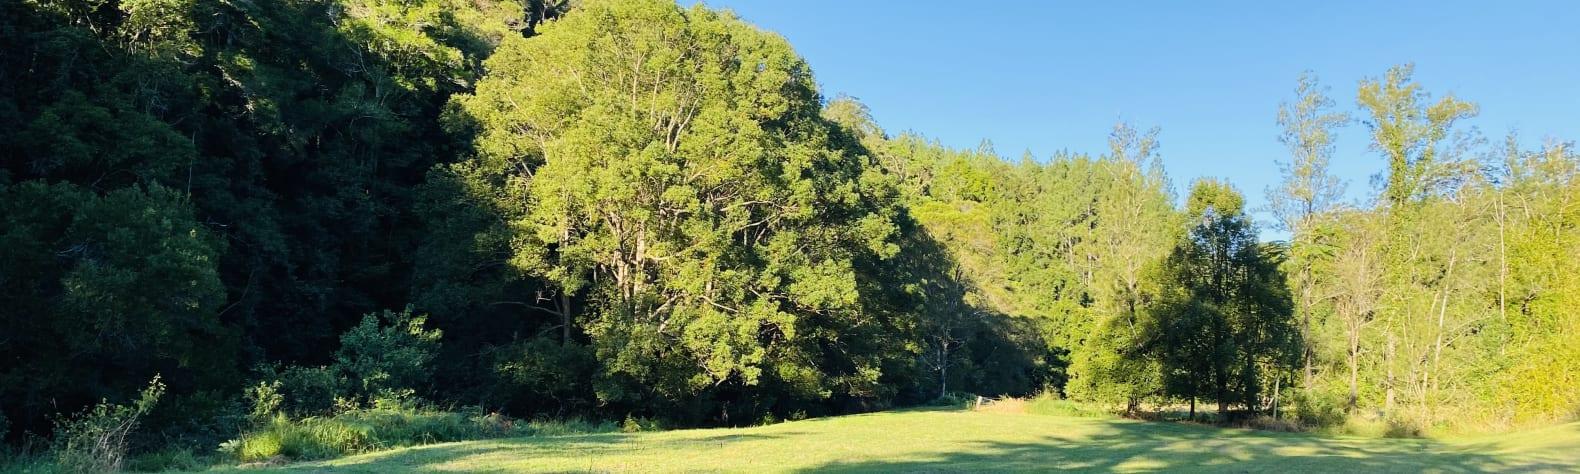 Rowlands Creek Camp Area